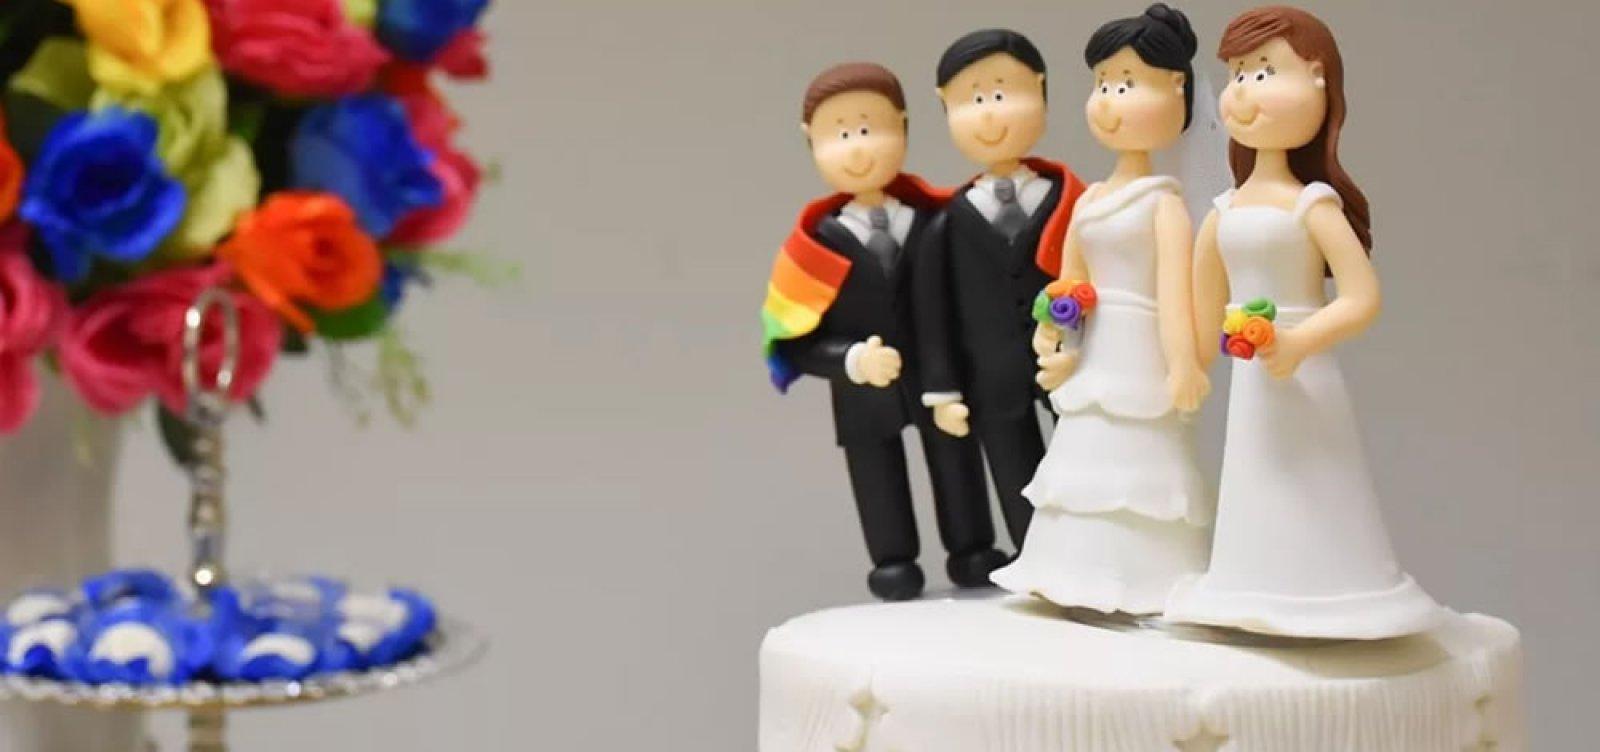 [Defensora relata alta procura por casamento coletivo LGBT: 'Casais temem retrocesso' ]